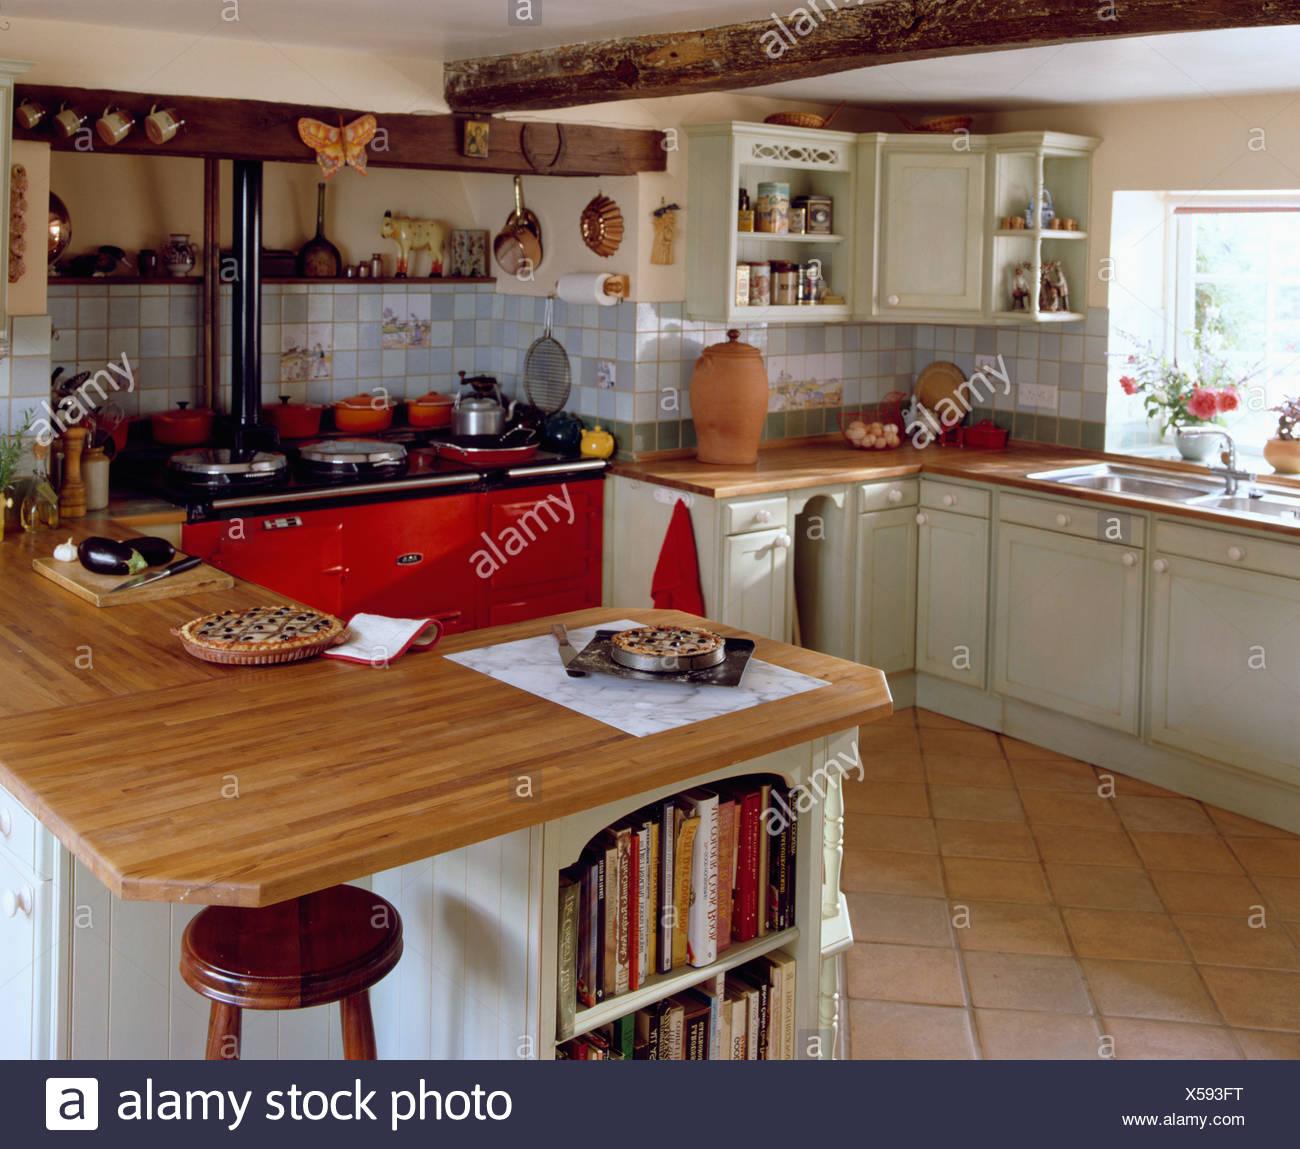 L 39 unit de l 39 le avec plan de travail en bois dans la - Acheter plan de travail cuisine ...